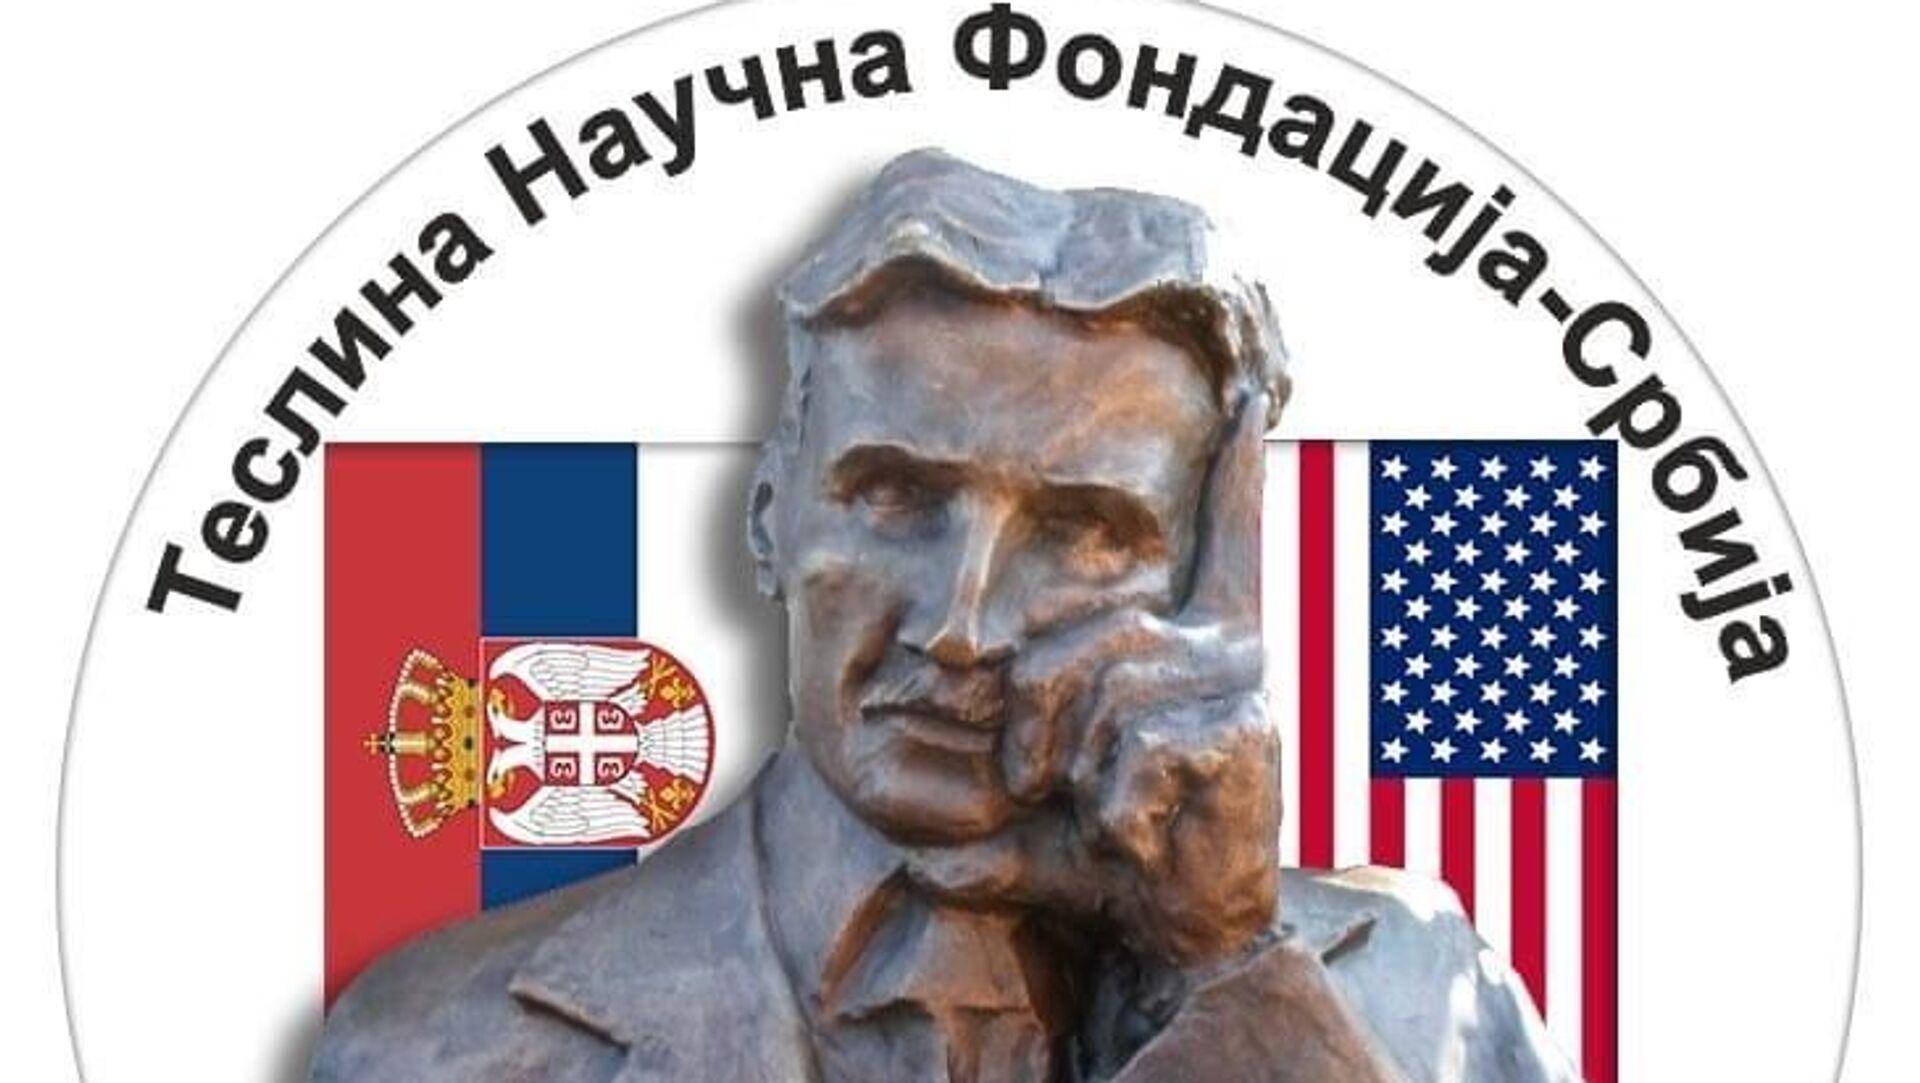 Teslina naučna fondacija - Sputnik Srbija, 1920, 12.02.2021